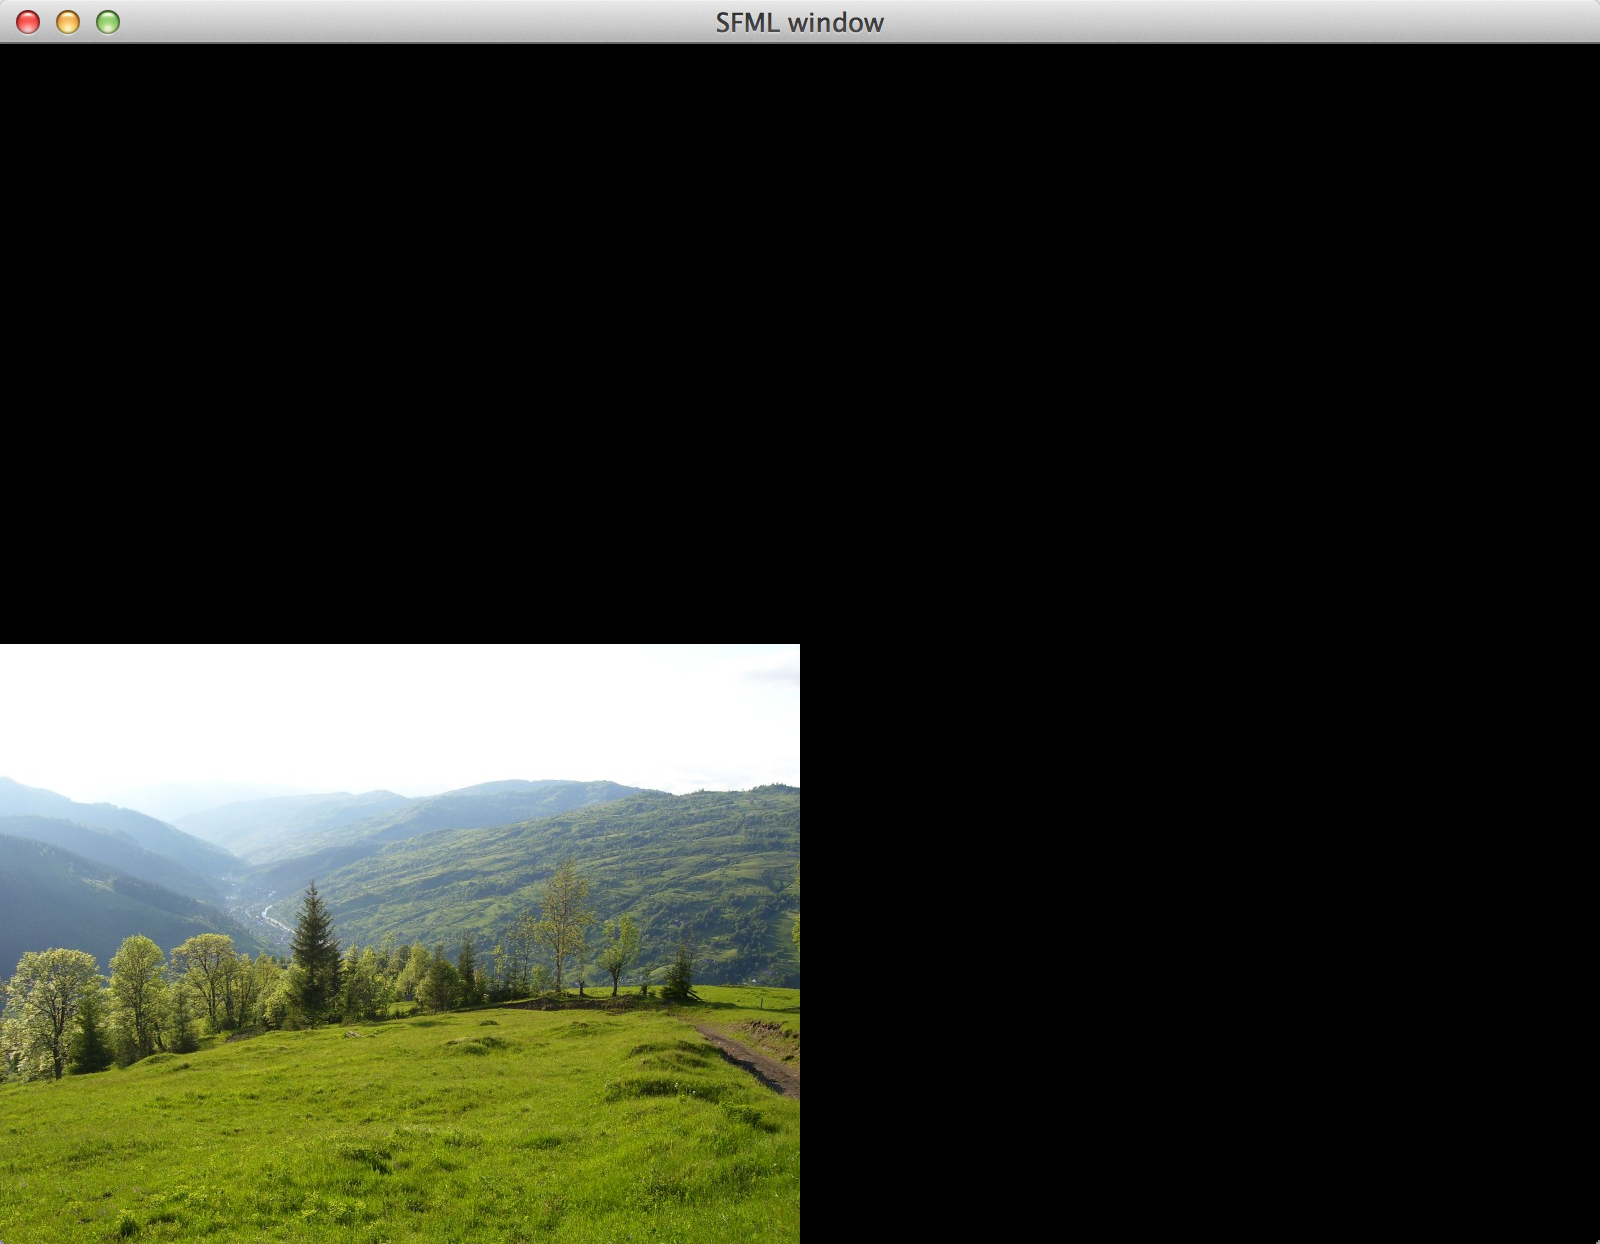 screen shot 2013-05-08 at 11 31 26 am